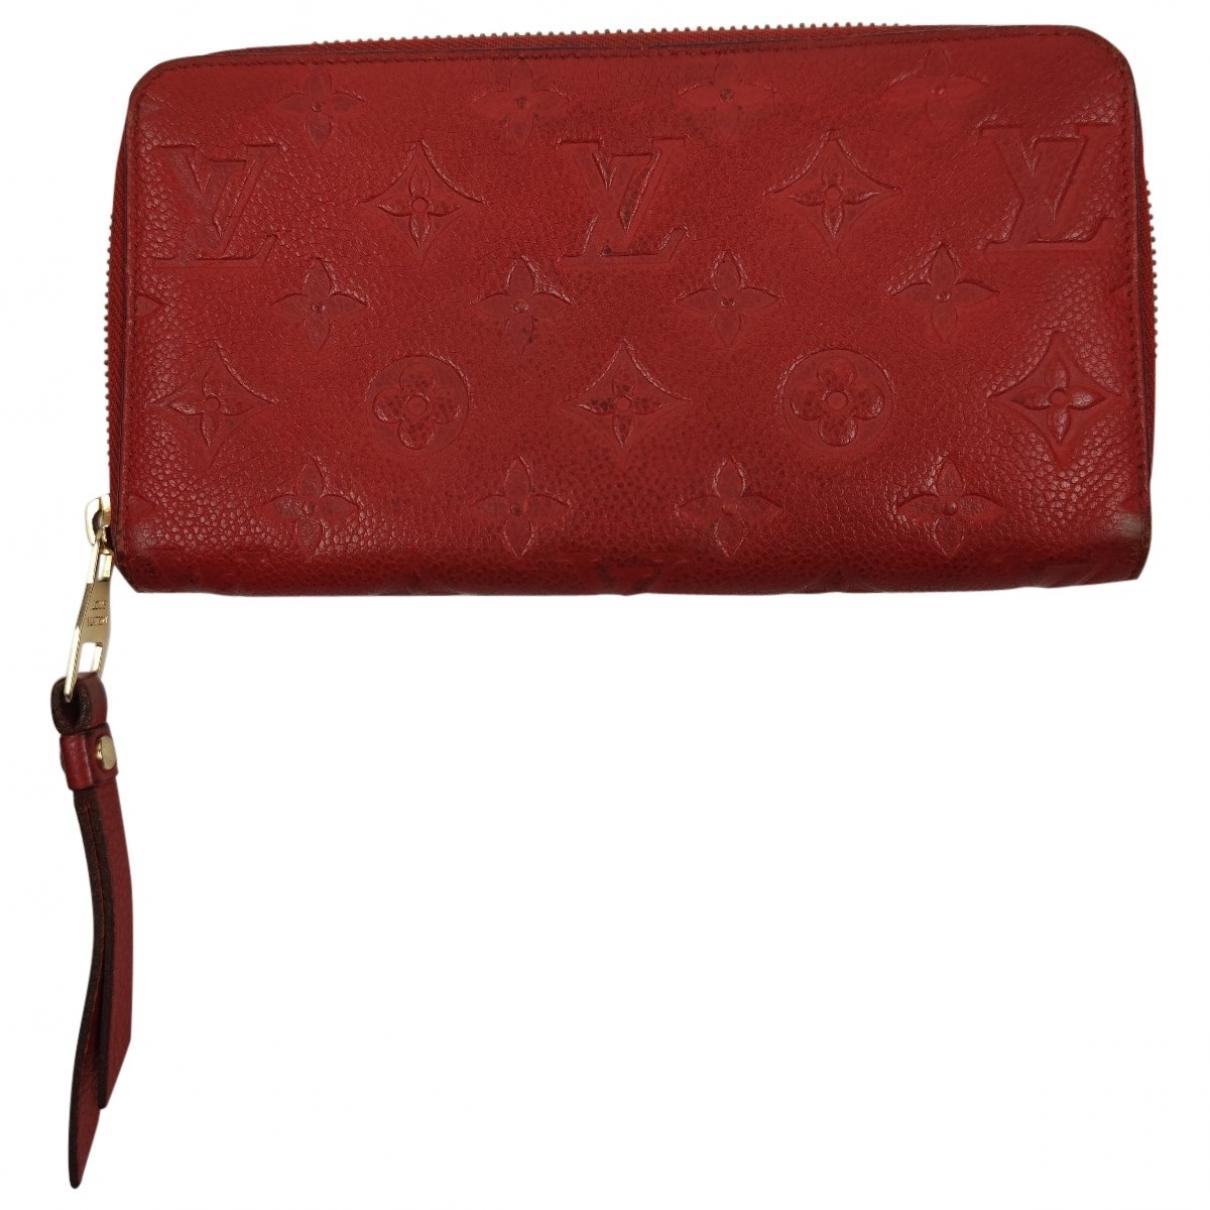 Louis Vuitton - Portefeuille Zippy pour femme en cuir - rouge